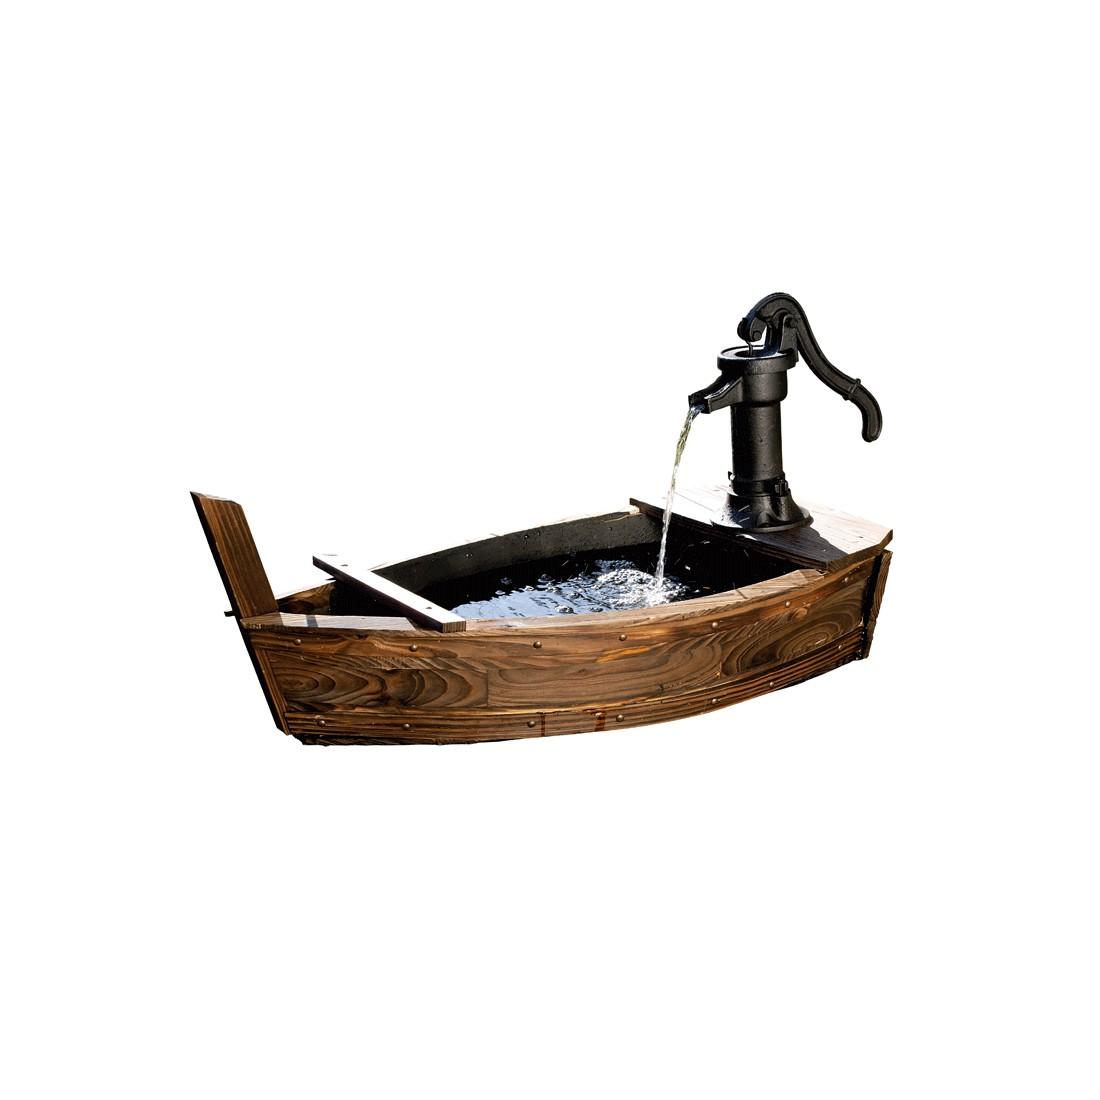 Brunnen in Bootform – Fichtenholz/Eisen – Braun, PureDay kaufen